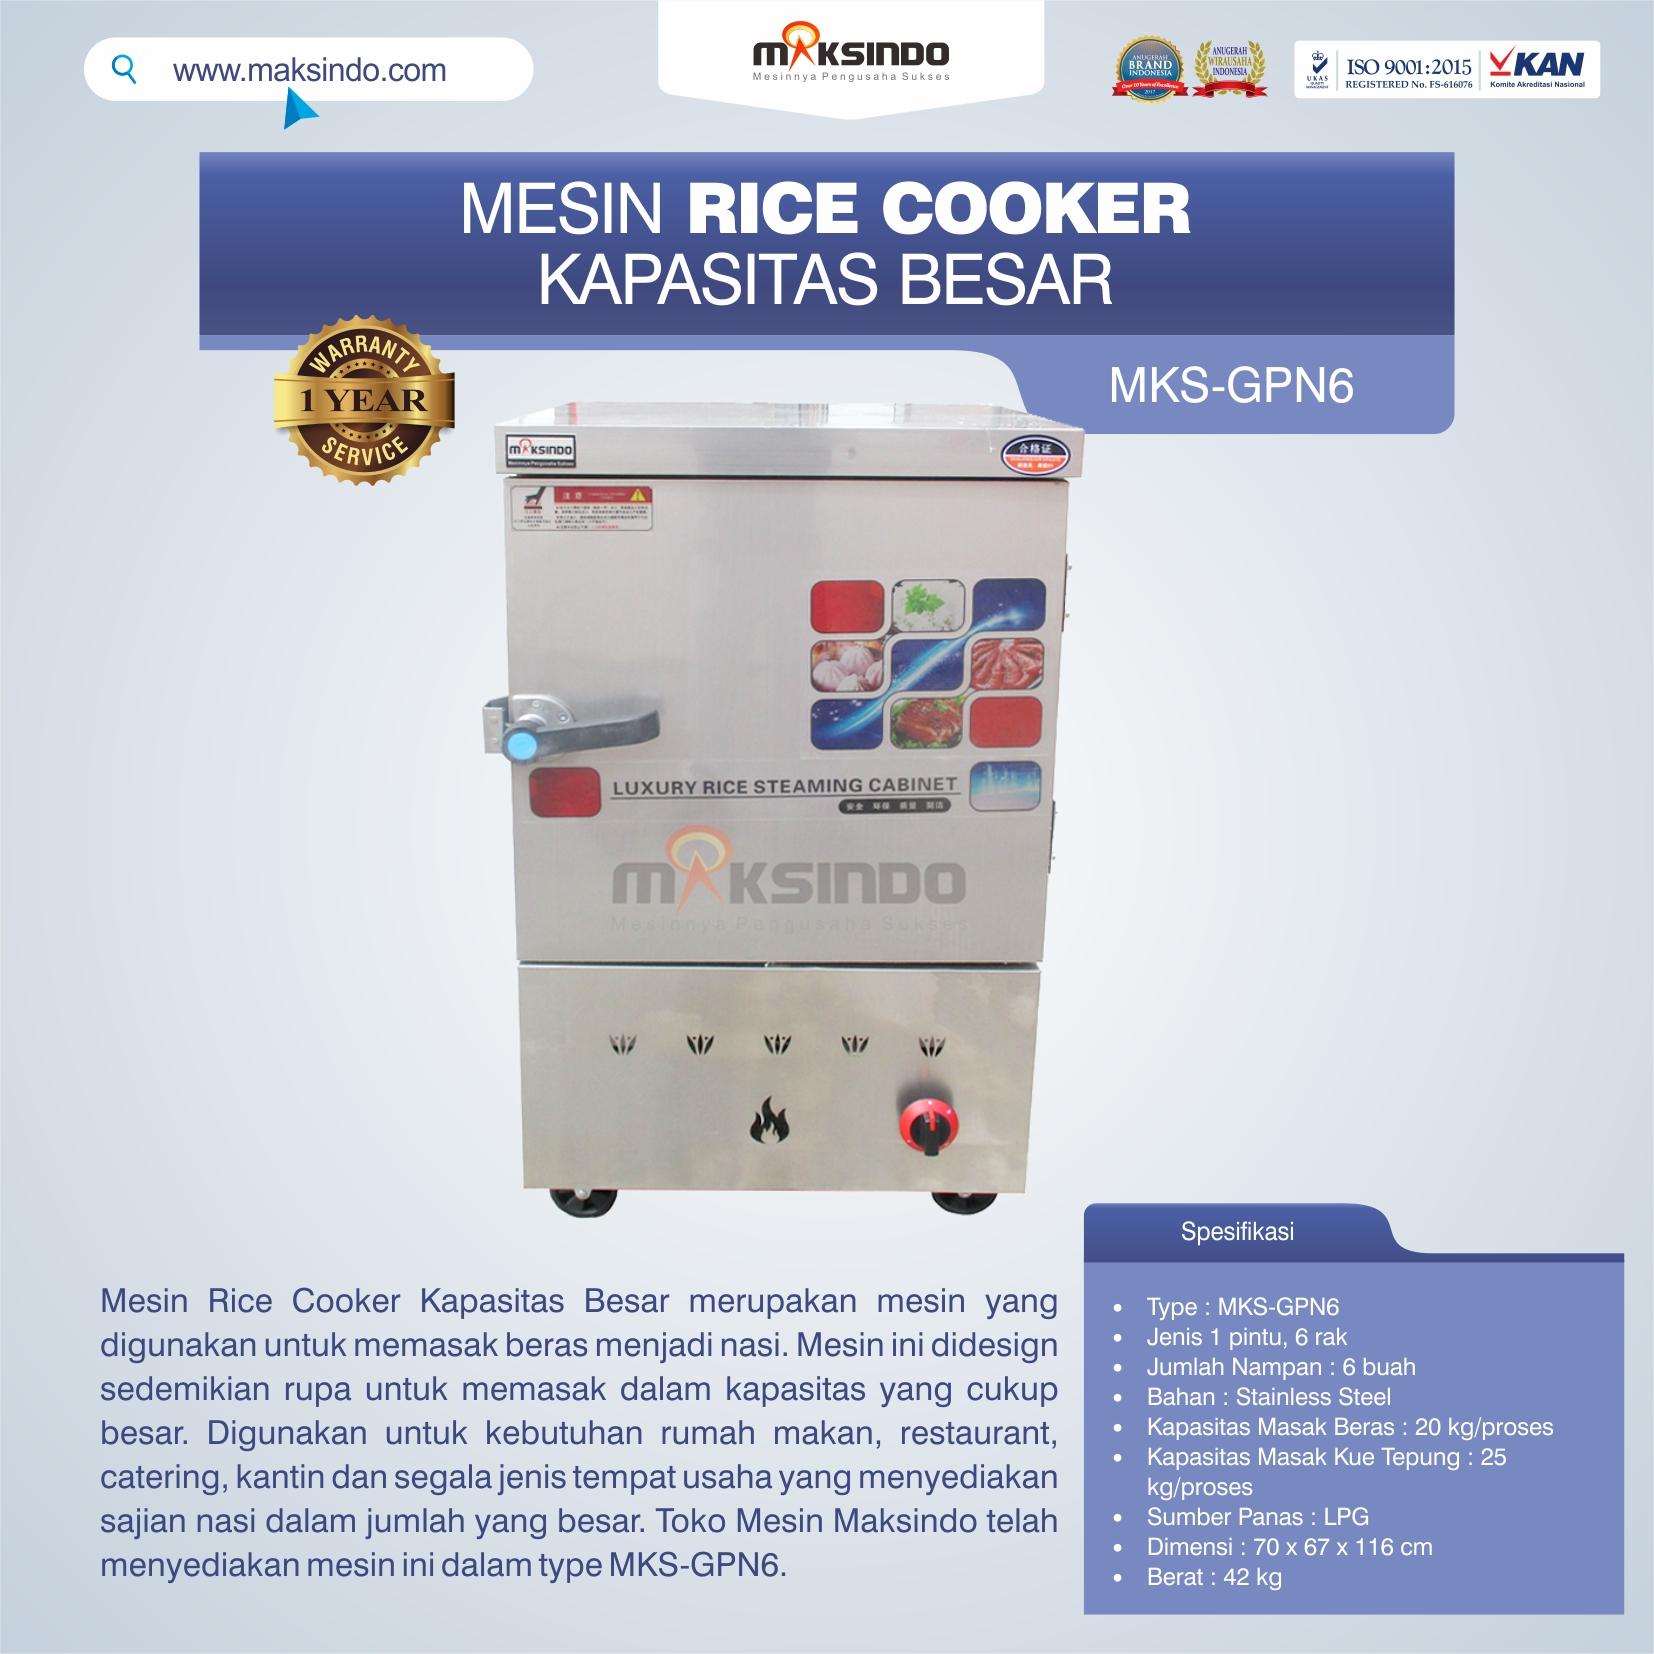 Jual Mesin Rice Cooker Kapasitas Besar MKS-GPN6 di Blitar